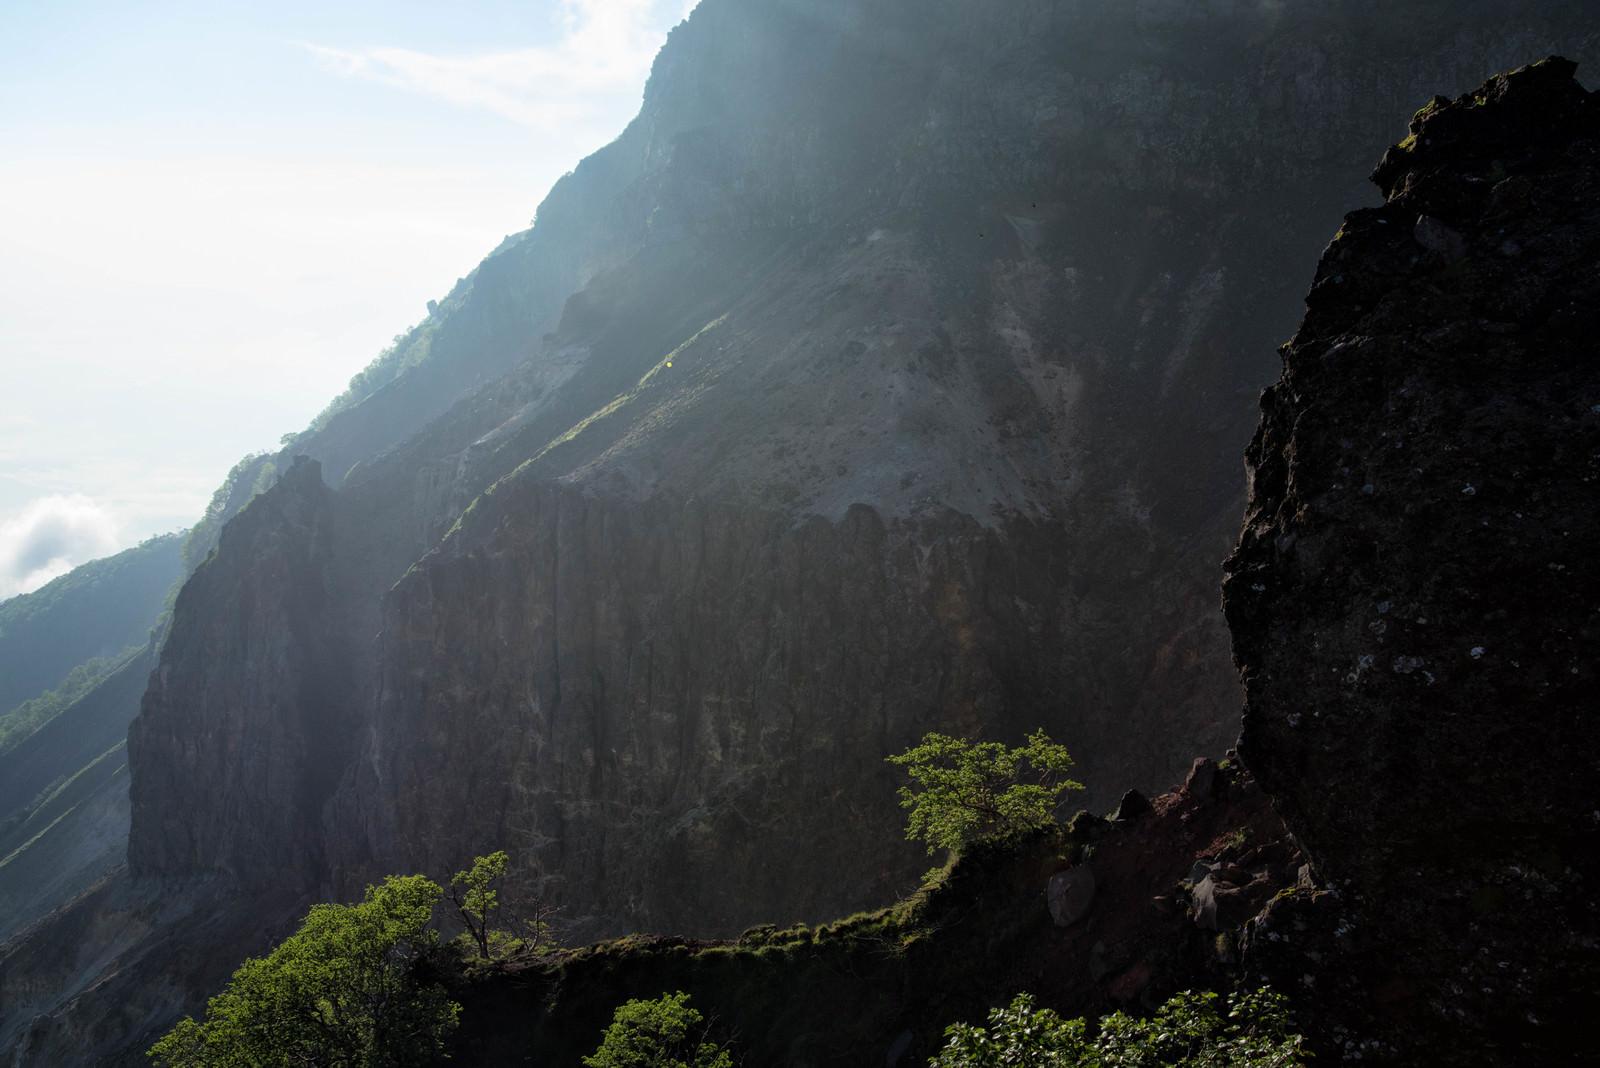 「断崖の爆裂火口(硫黄岳)」の写真